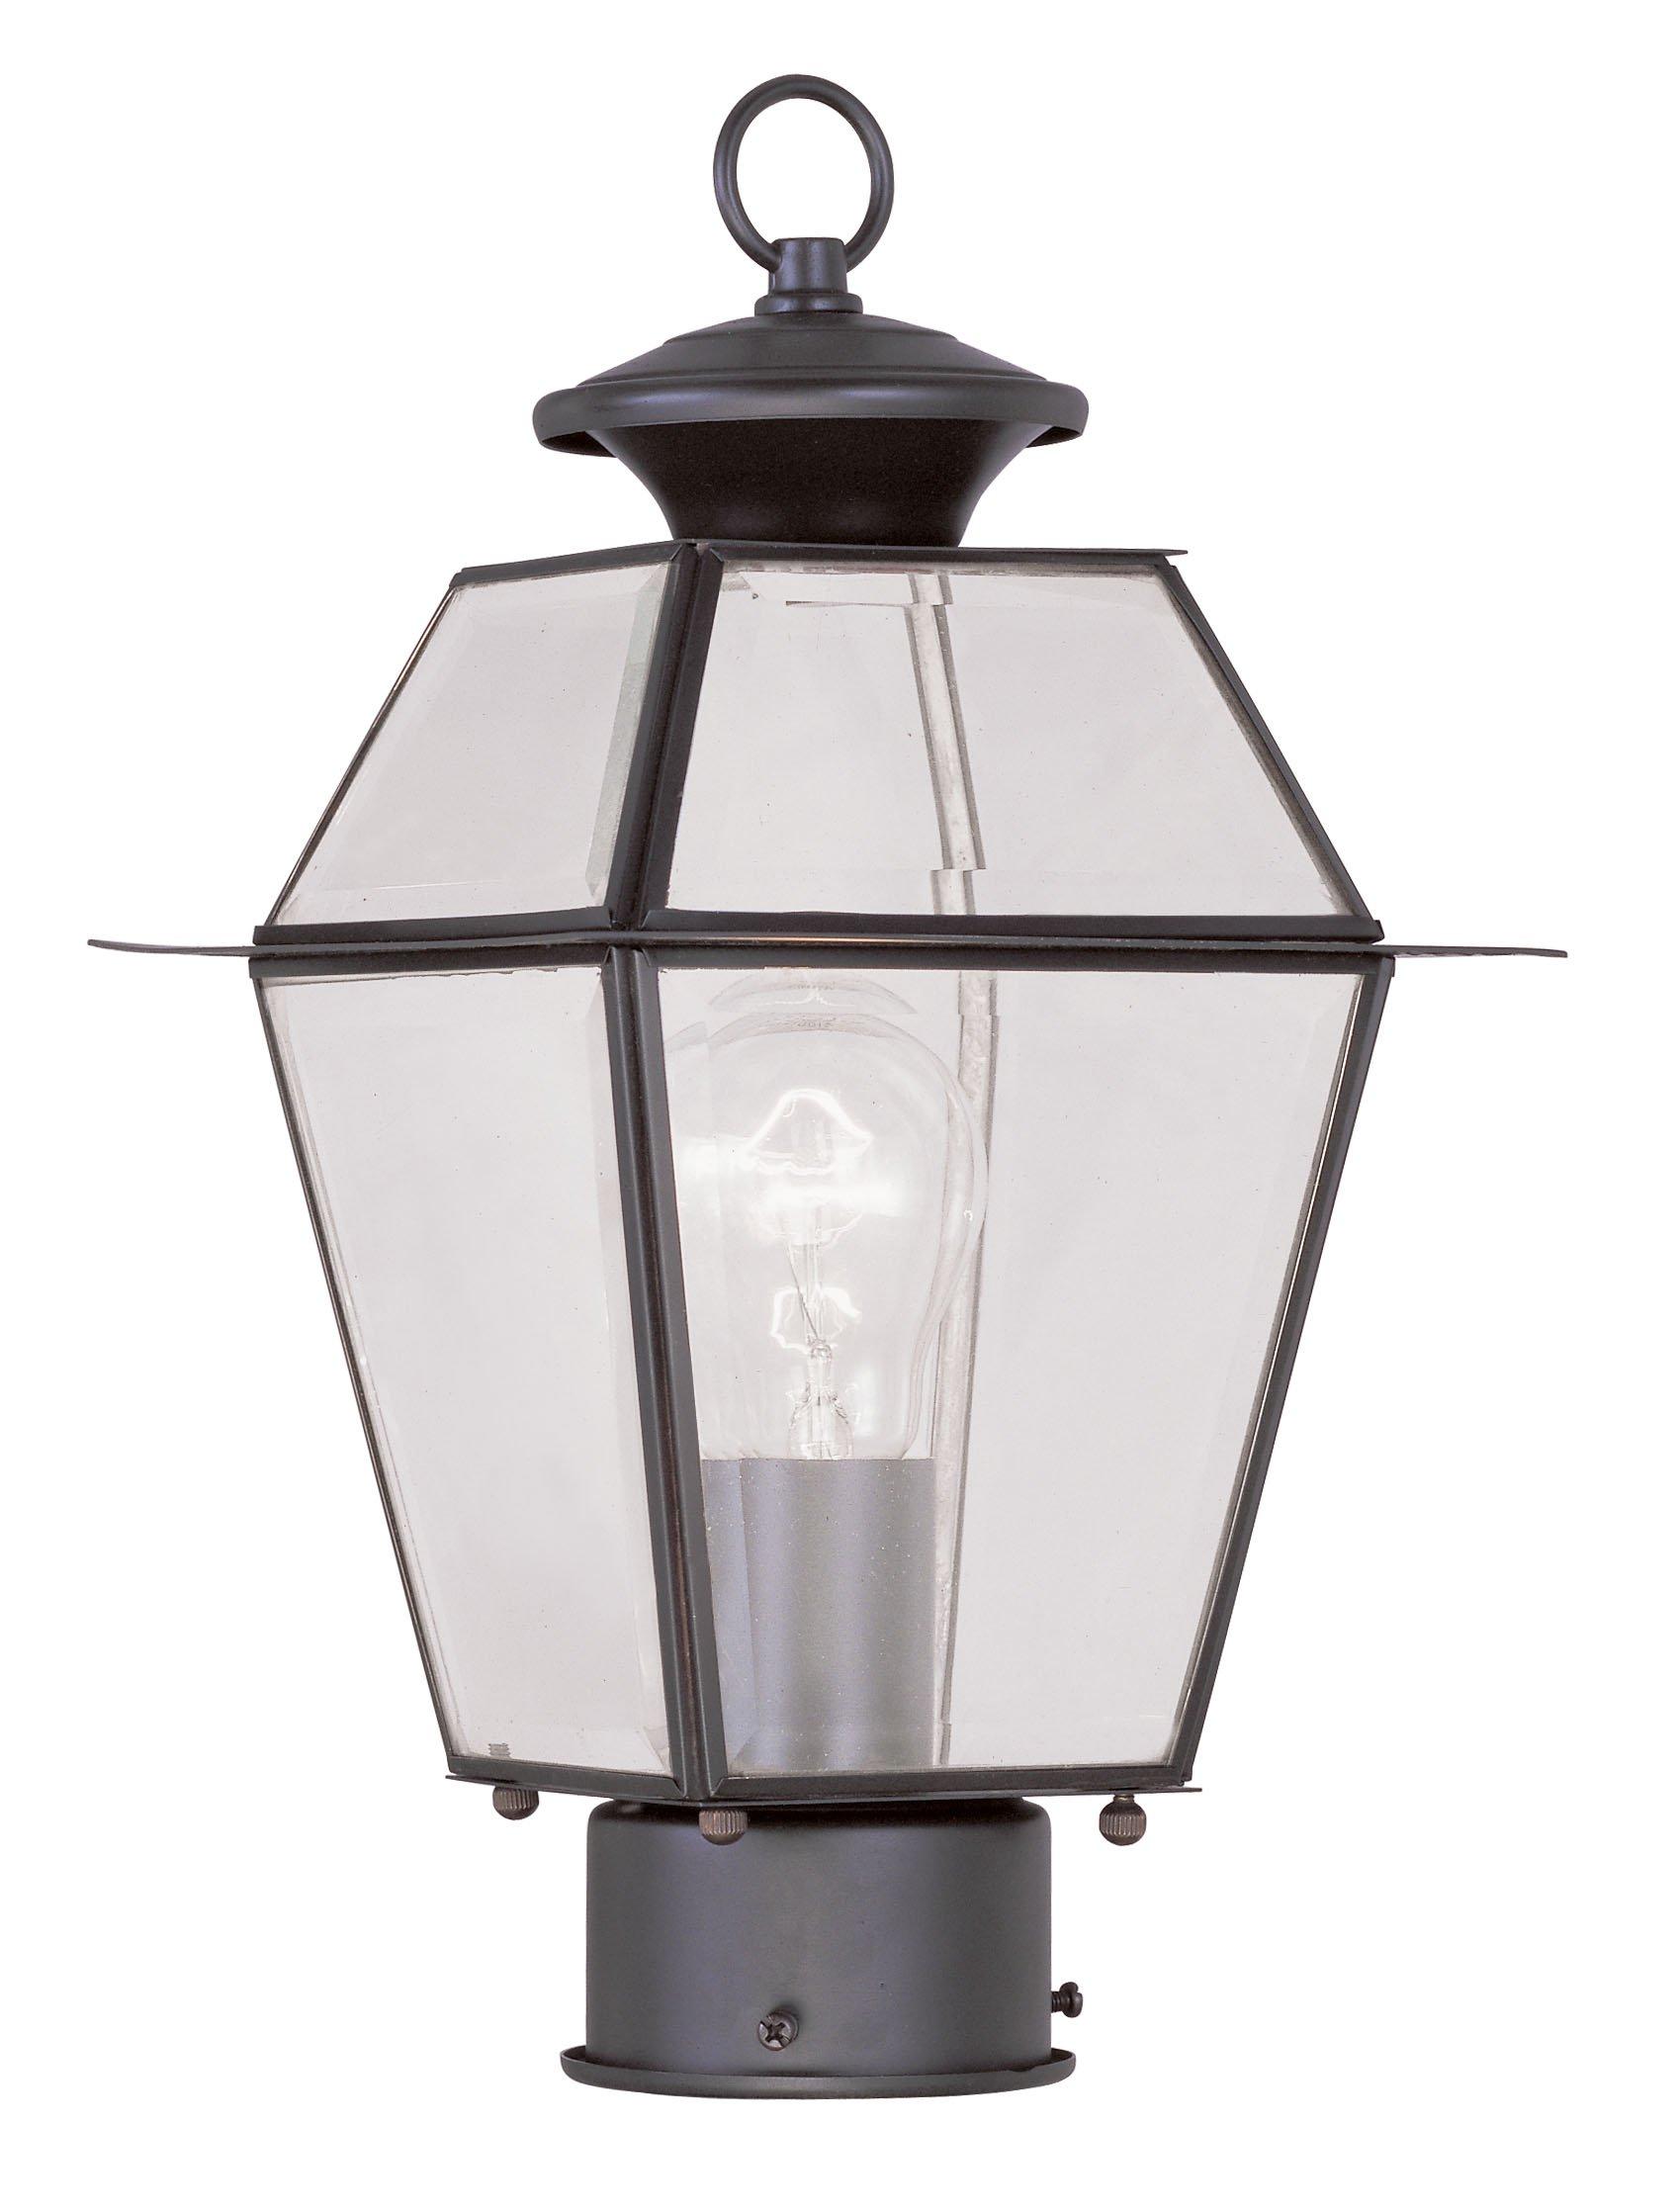 Livex Lighting 2182-07 Westover 1-Light Outdoor Post Head, Bronze